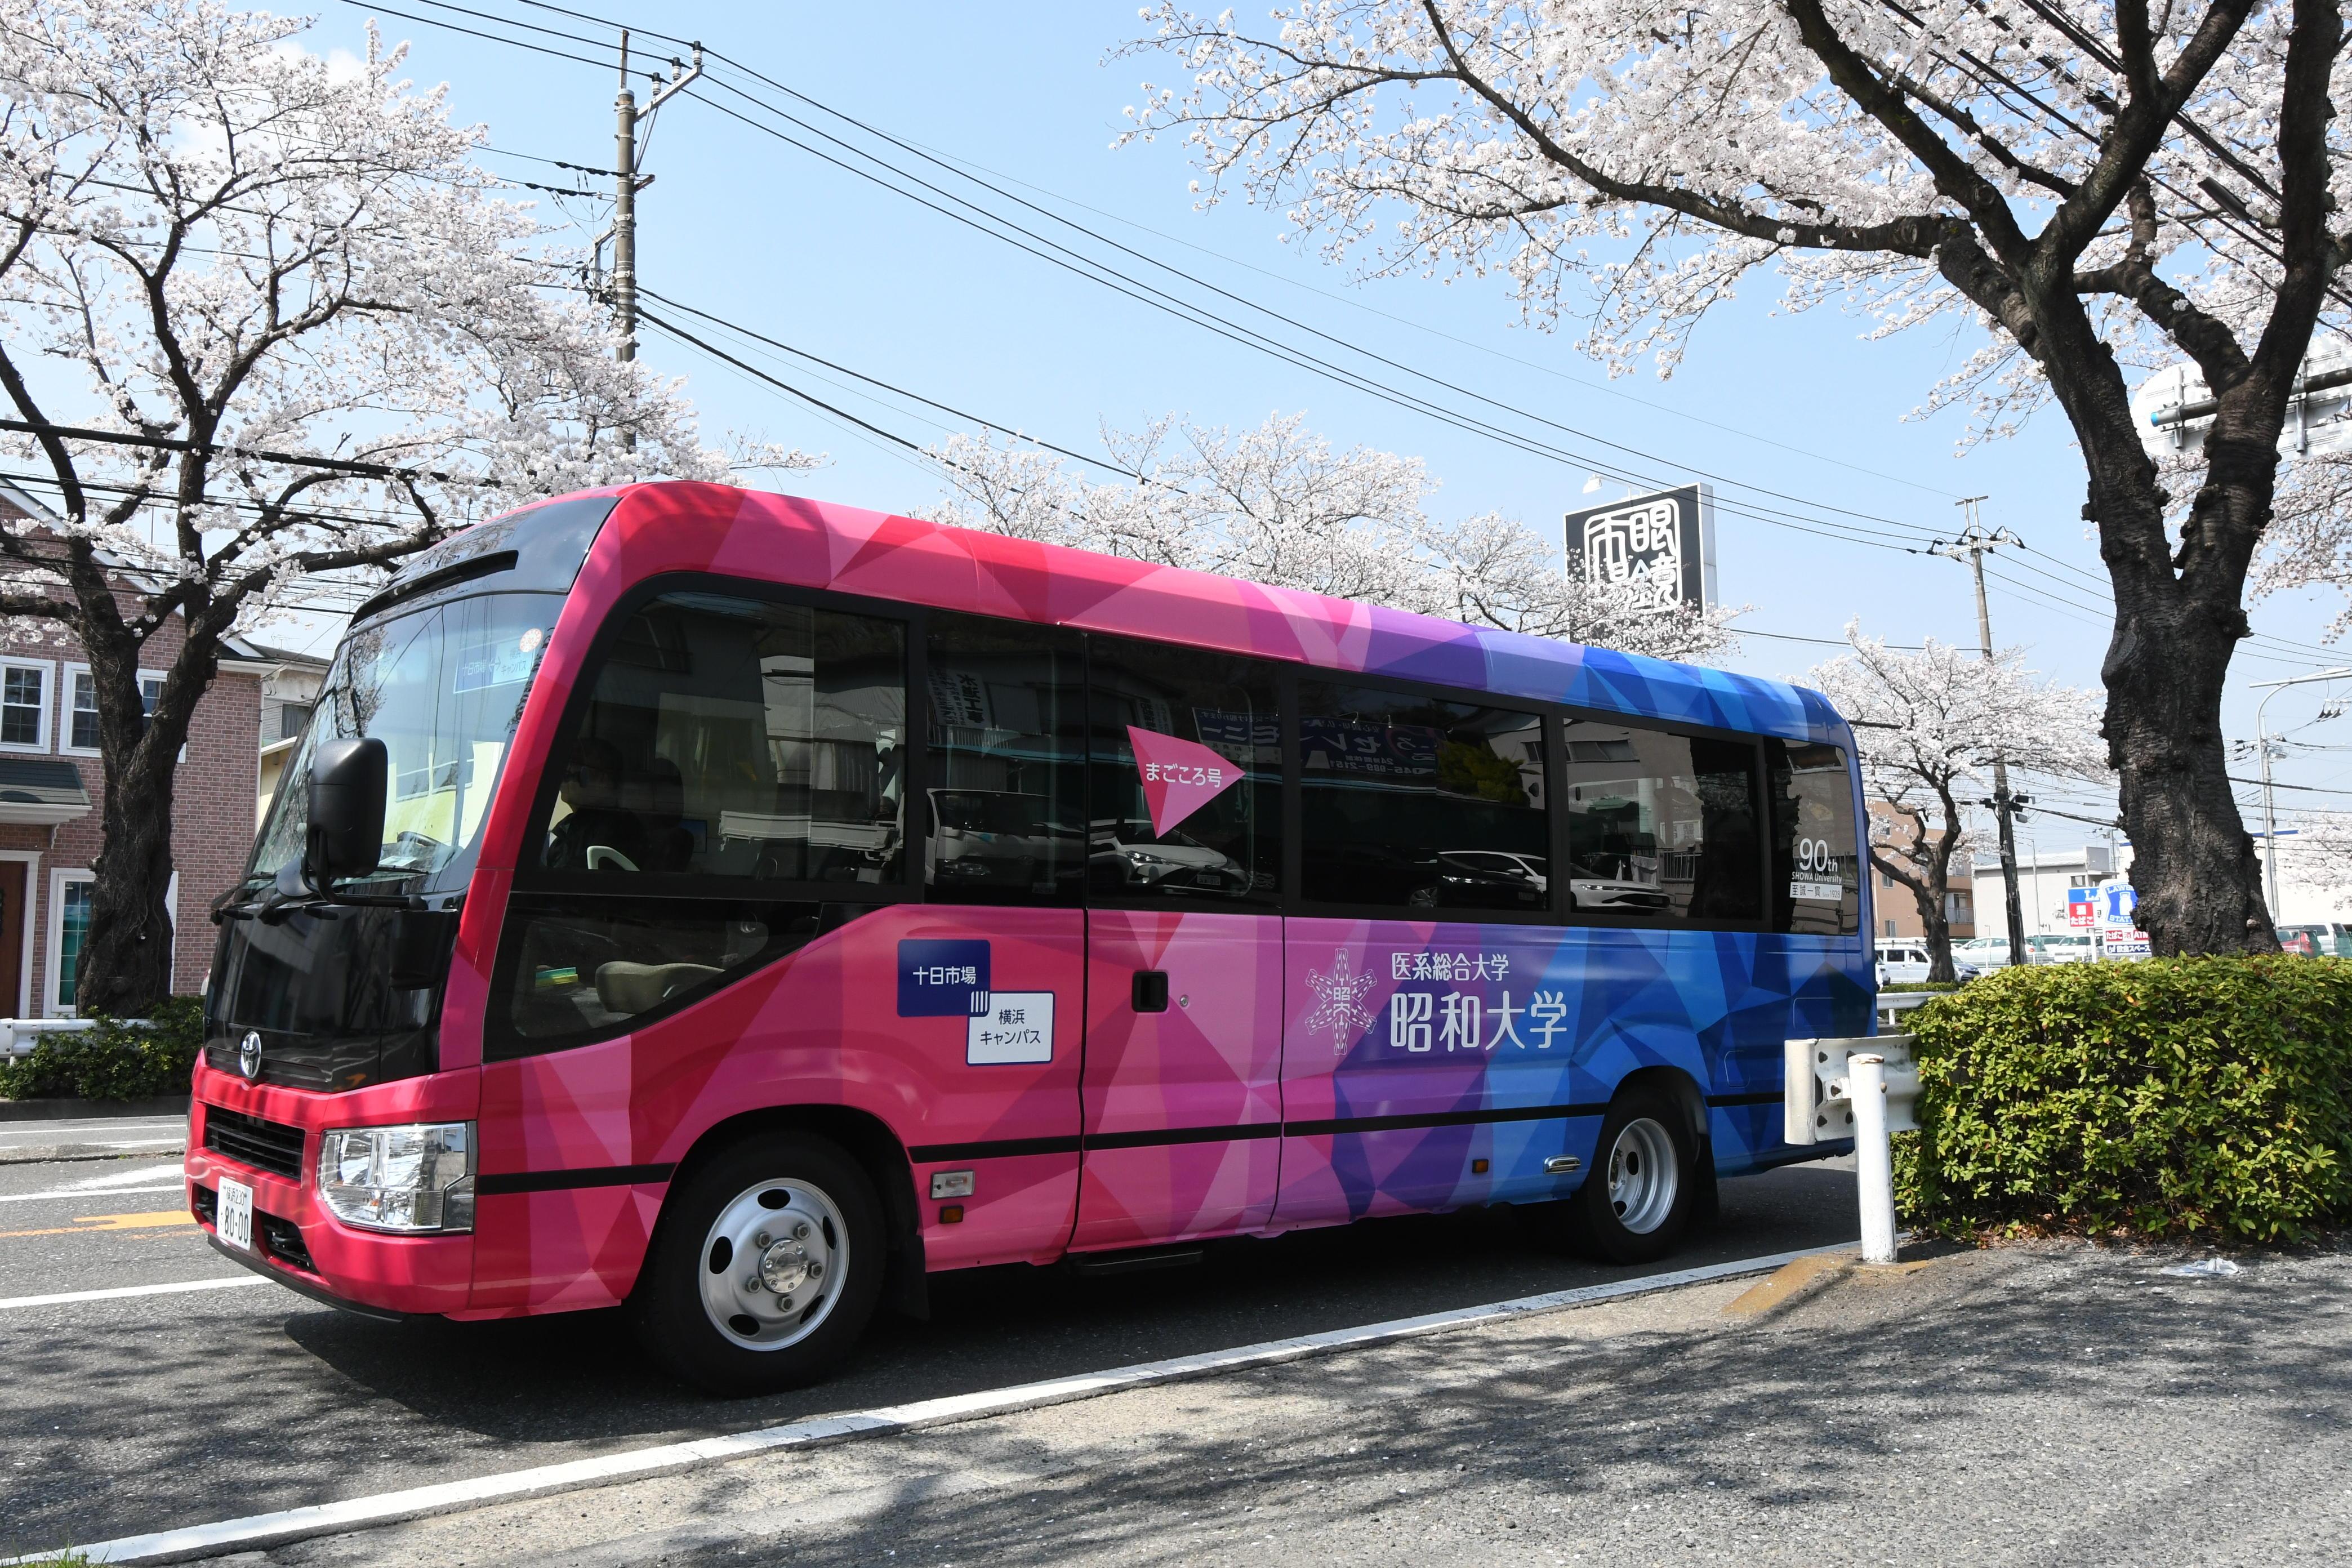 昭和大学と多摩美術大学の学生がコラボレーション -- スクールバスのラッピングデザインを作成